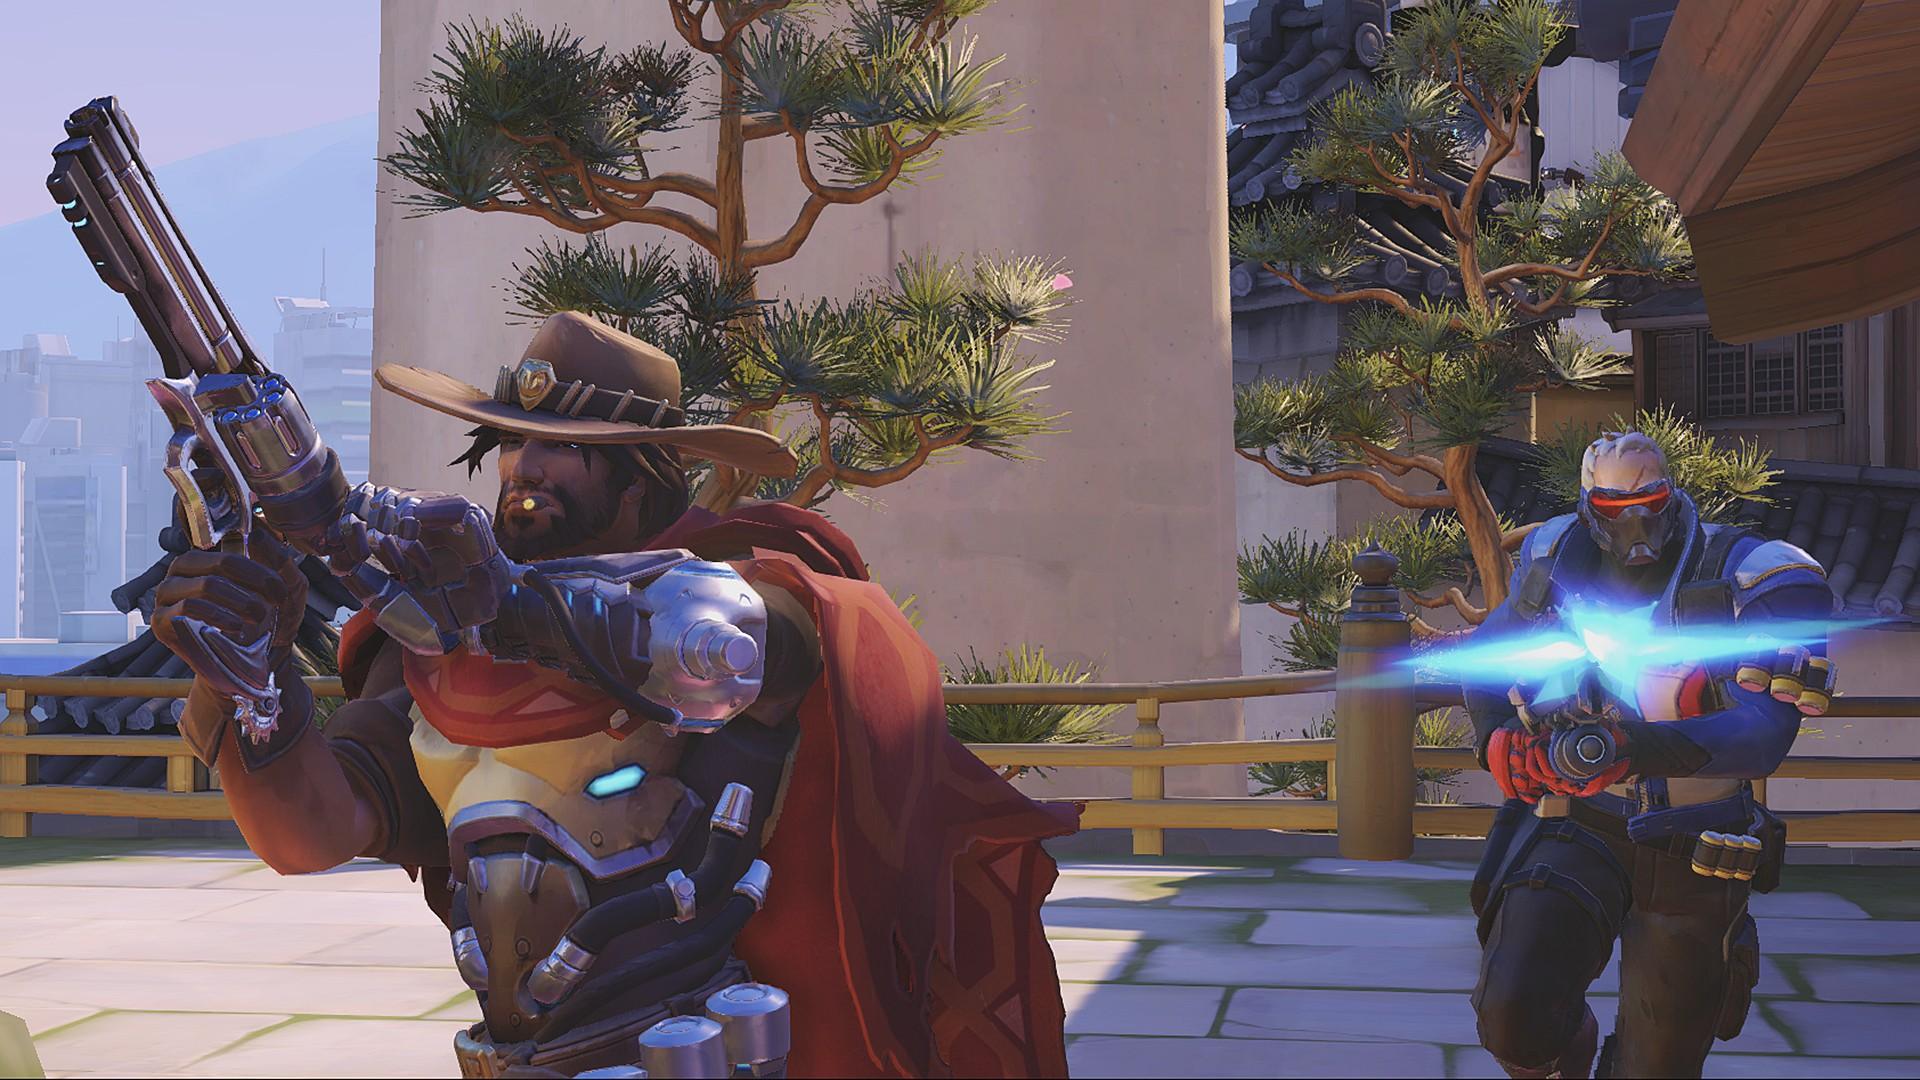 Les comportements toxiques reculent sur Overwatch, selon Blizzard